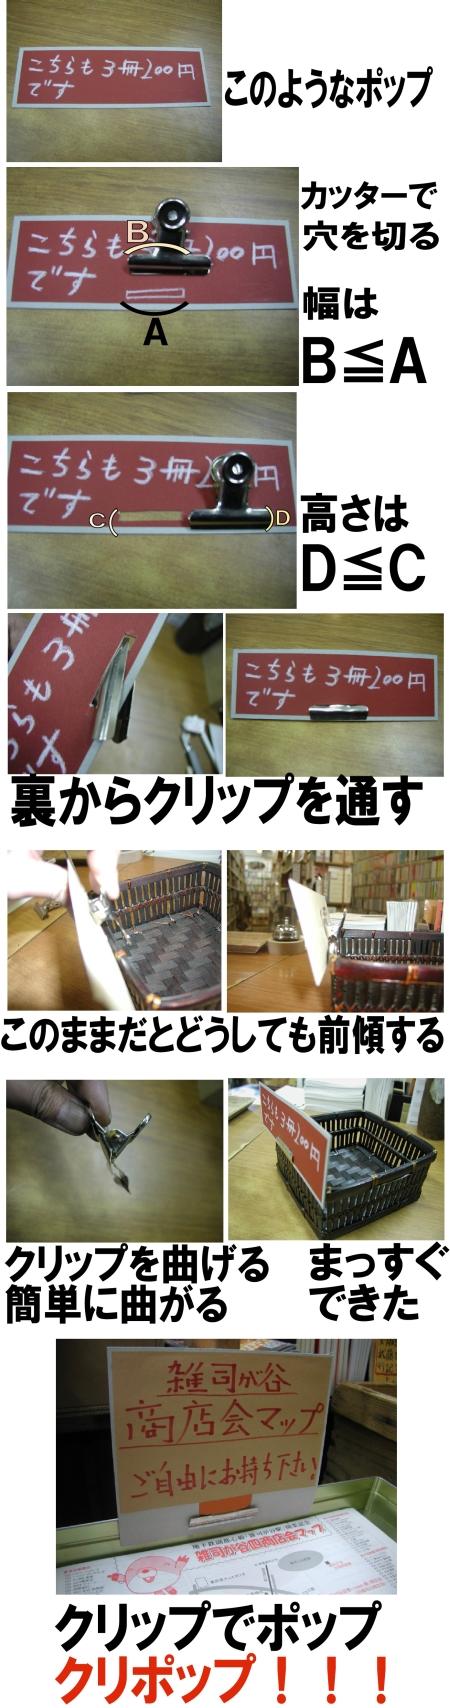 f0035084_1756933.jpg